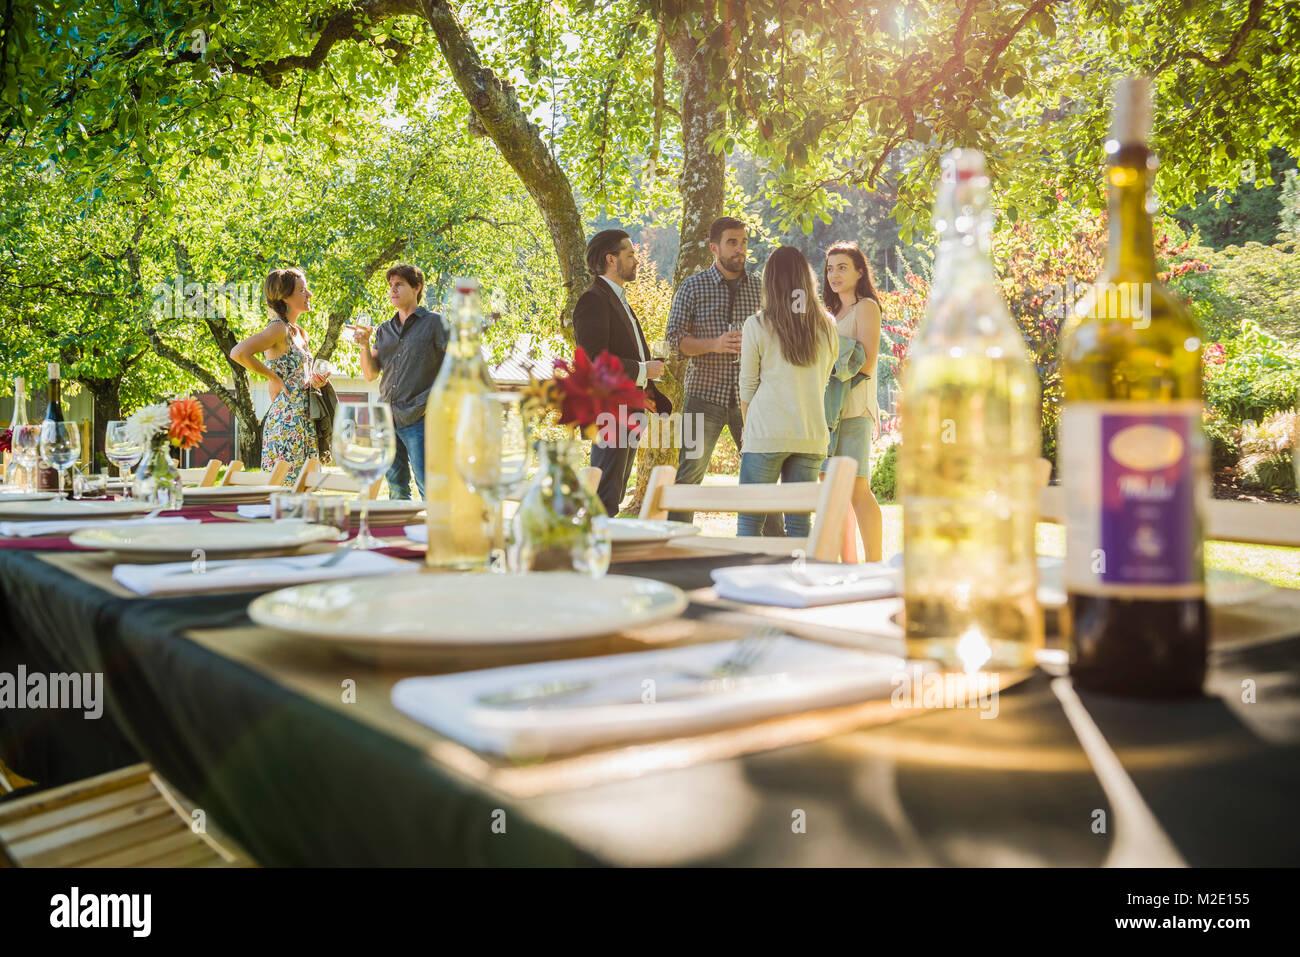 Wein Flaschen auf dem Tisch bei der Party im Freien Stockbild